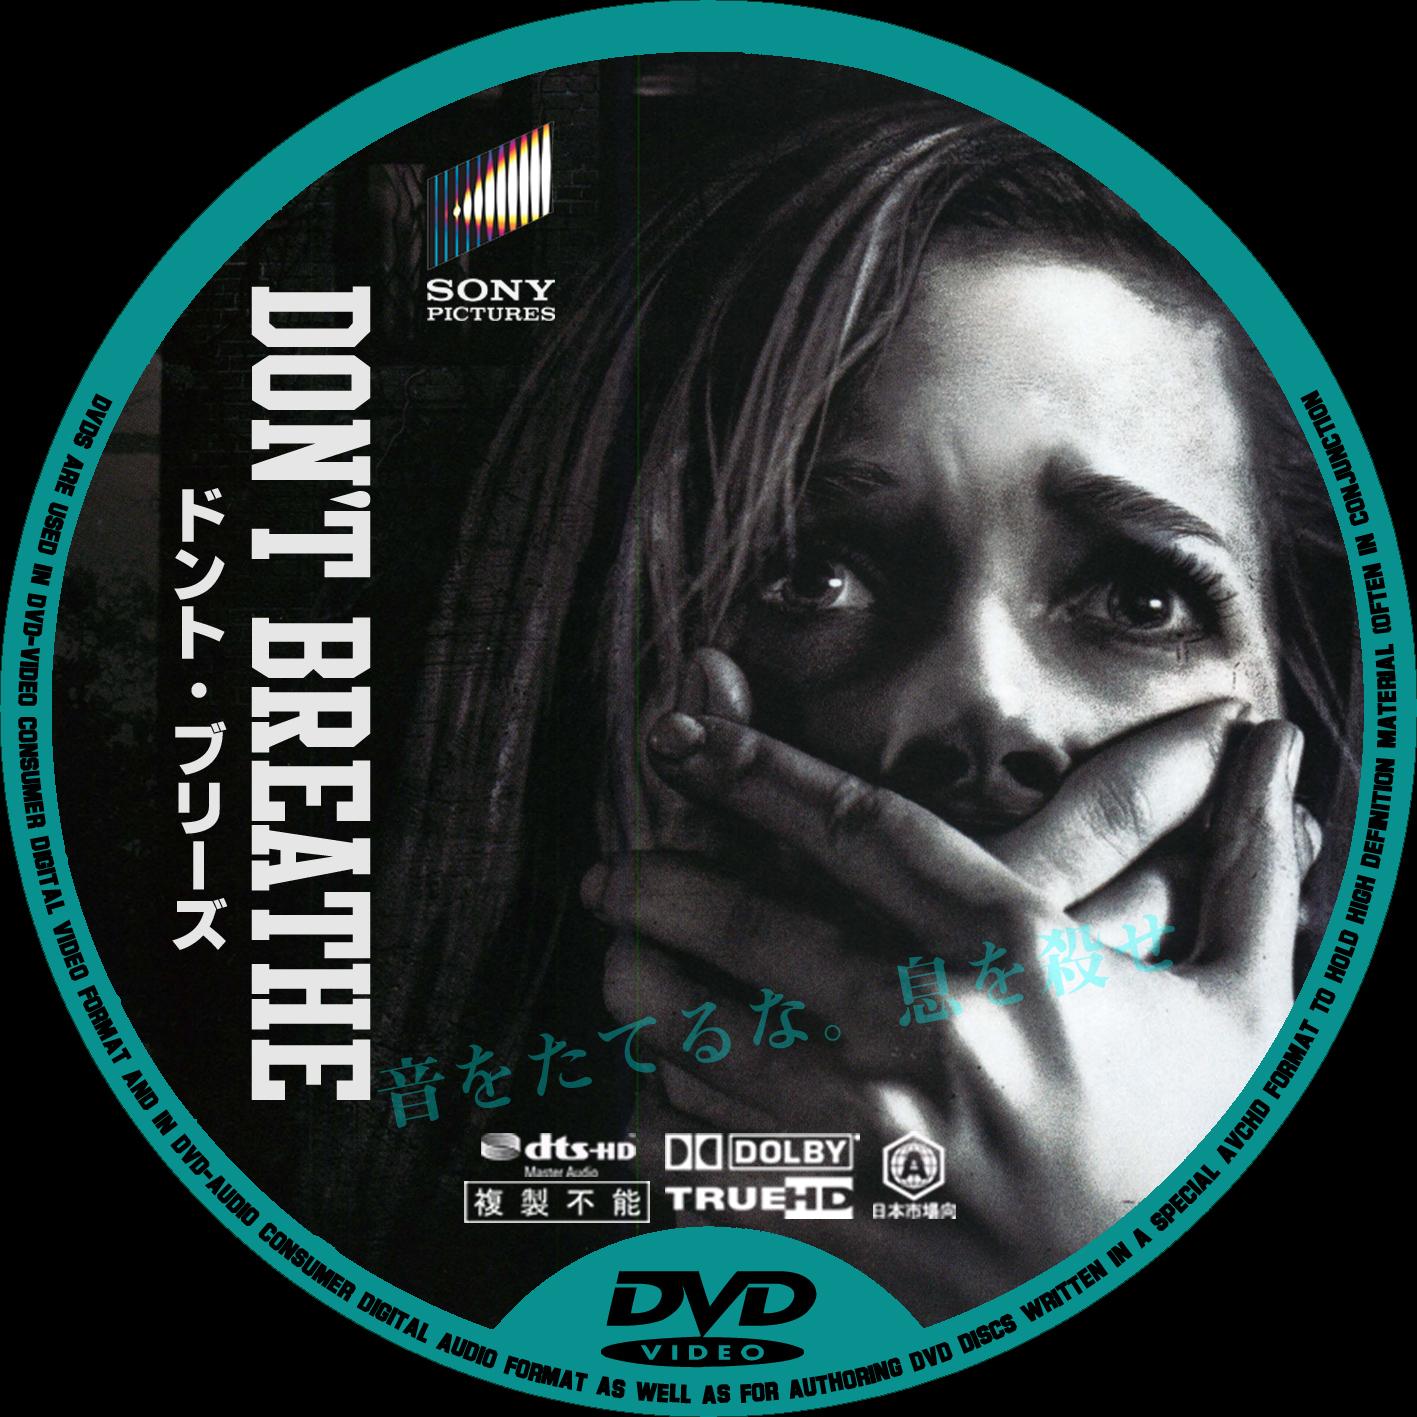 DVD ラベル ひな形